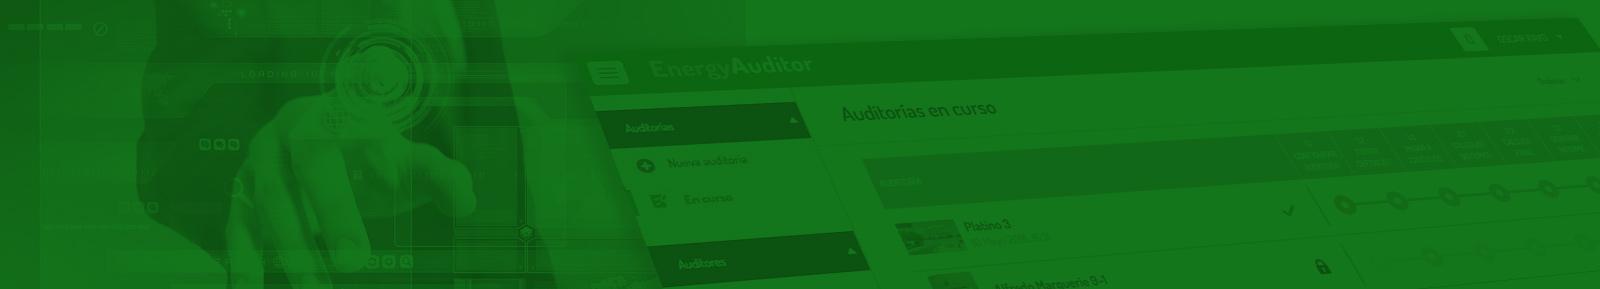 Auditoría Energética con App